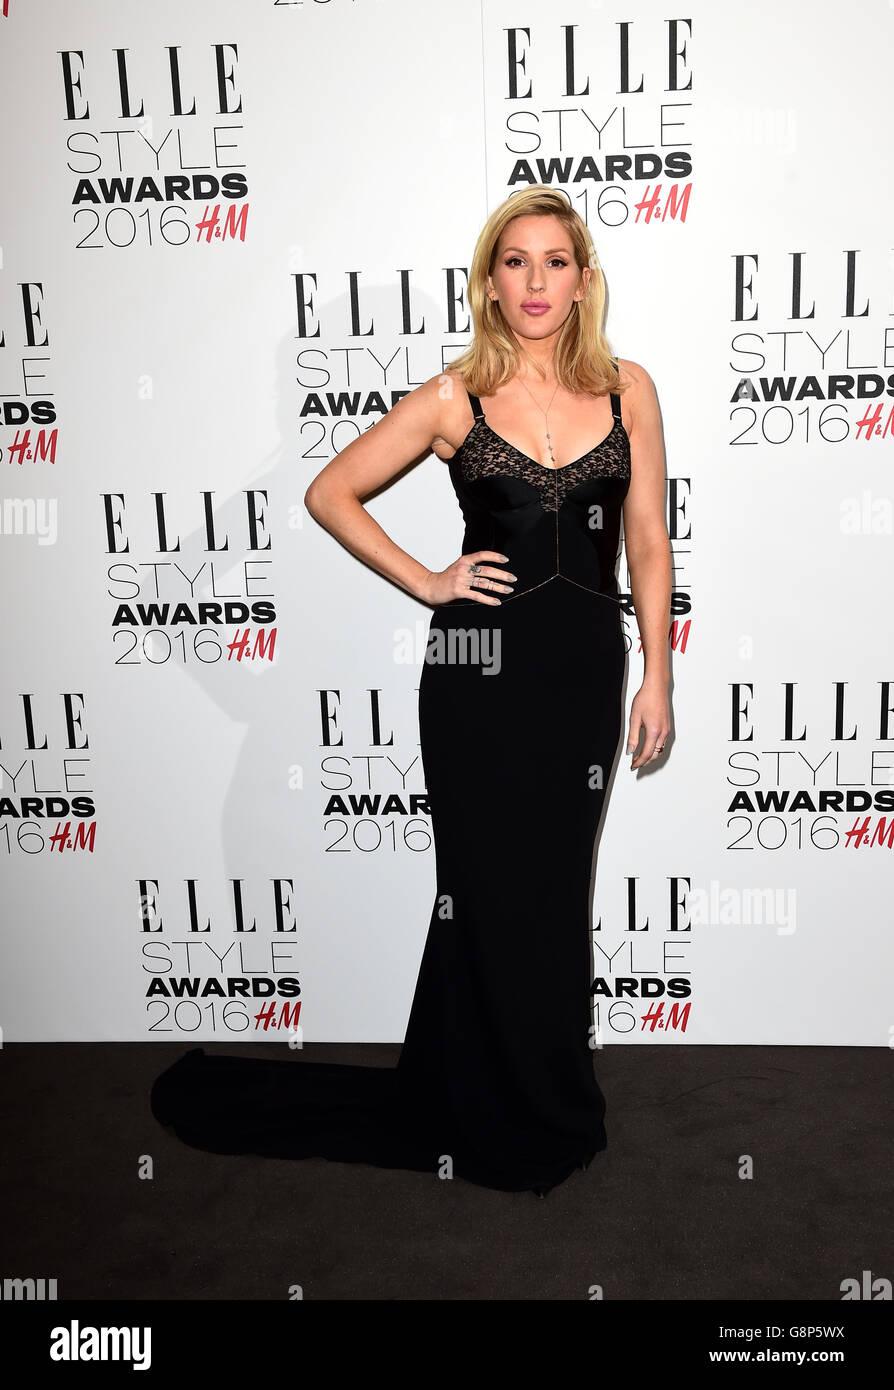 Elle Style Awards 2016 - London - Stock Image